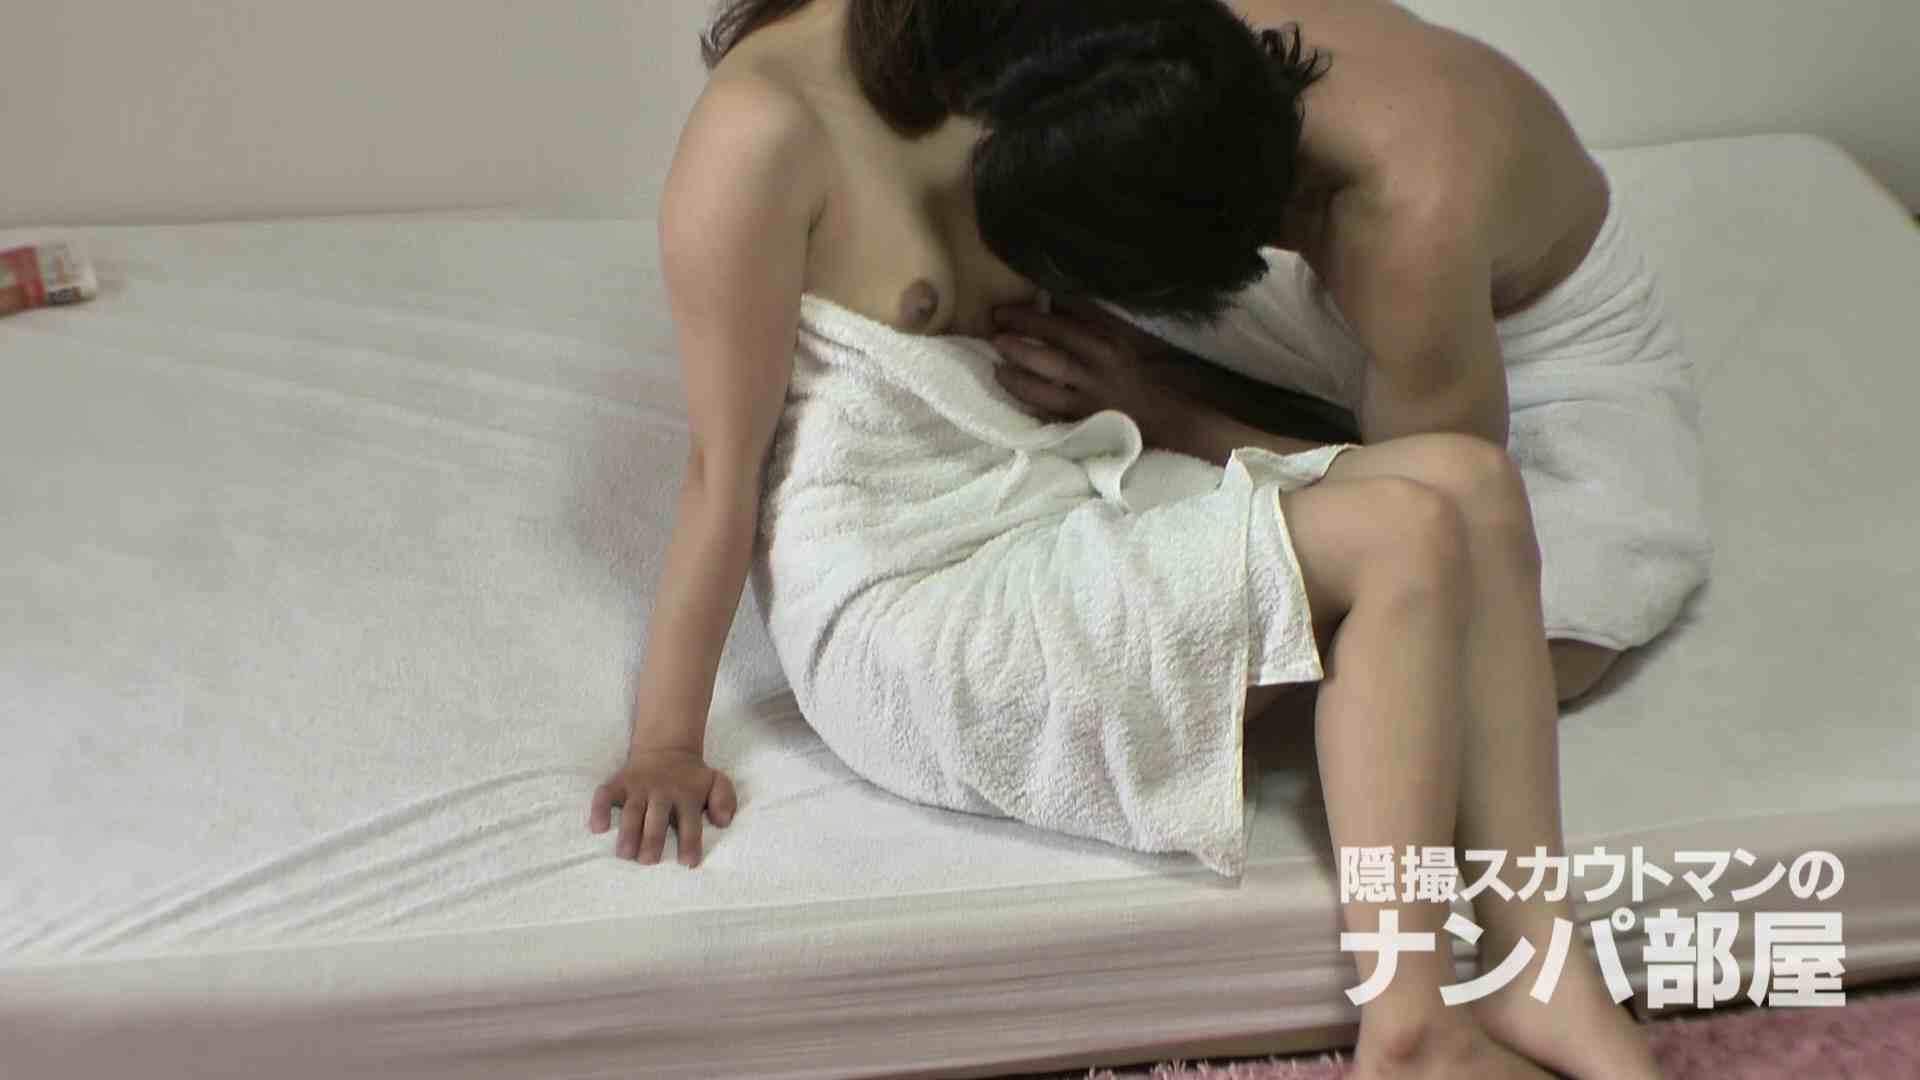 隠撮スカウトマンのナンパ部屋~風俗デビュー前のつまみ食い~ sii 隠撮  84連発 57